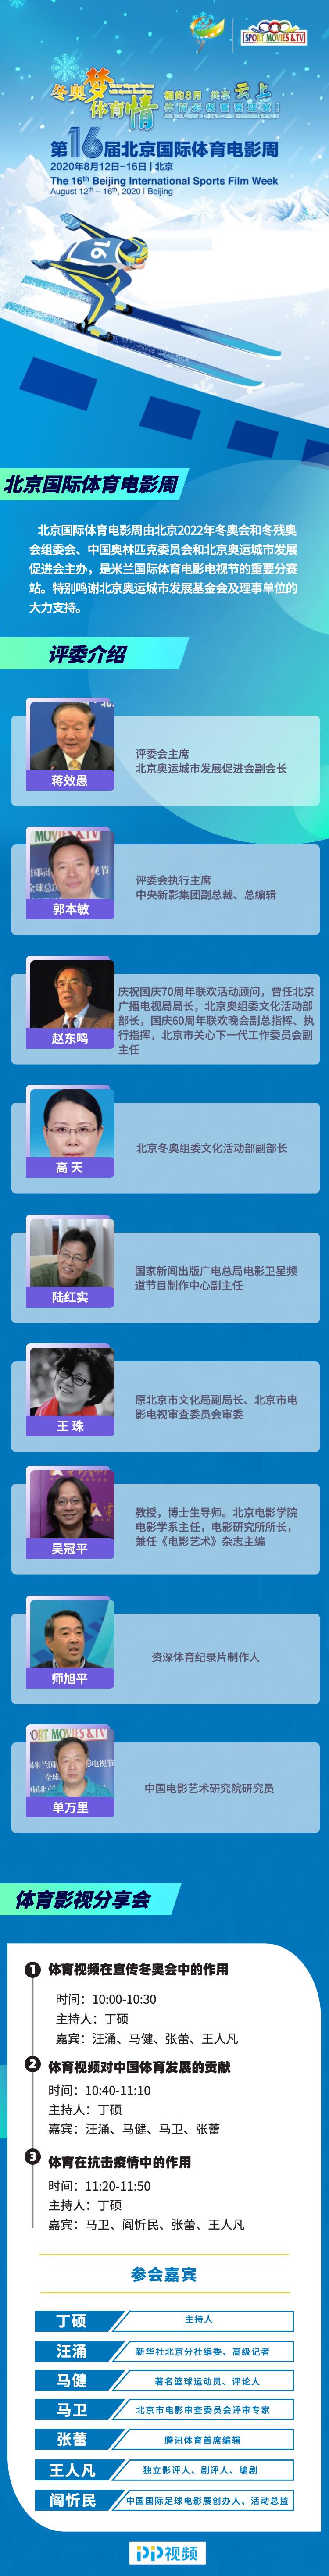 """第16届北京国际体育电影周正式启动 PP视频与您相约8月 共享""""云上""""体育影视饕餮盛宴"""